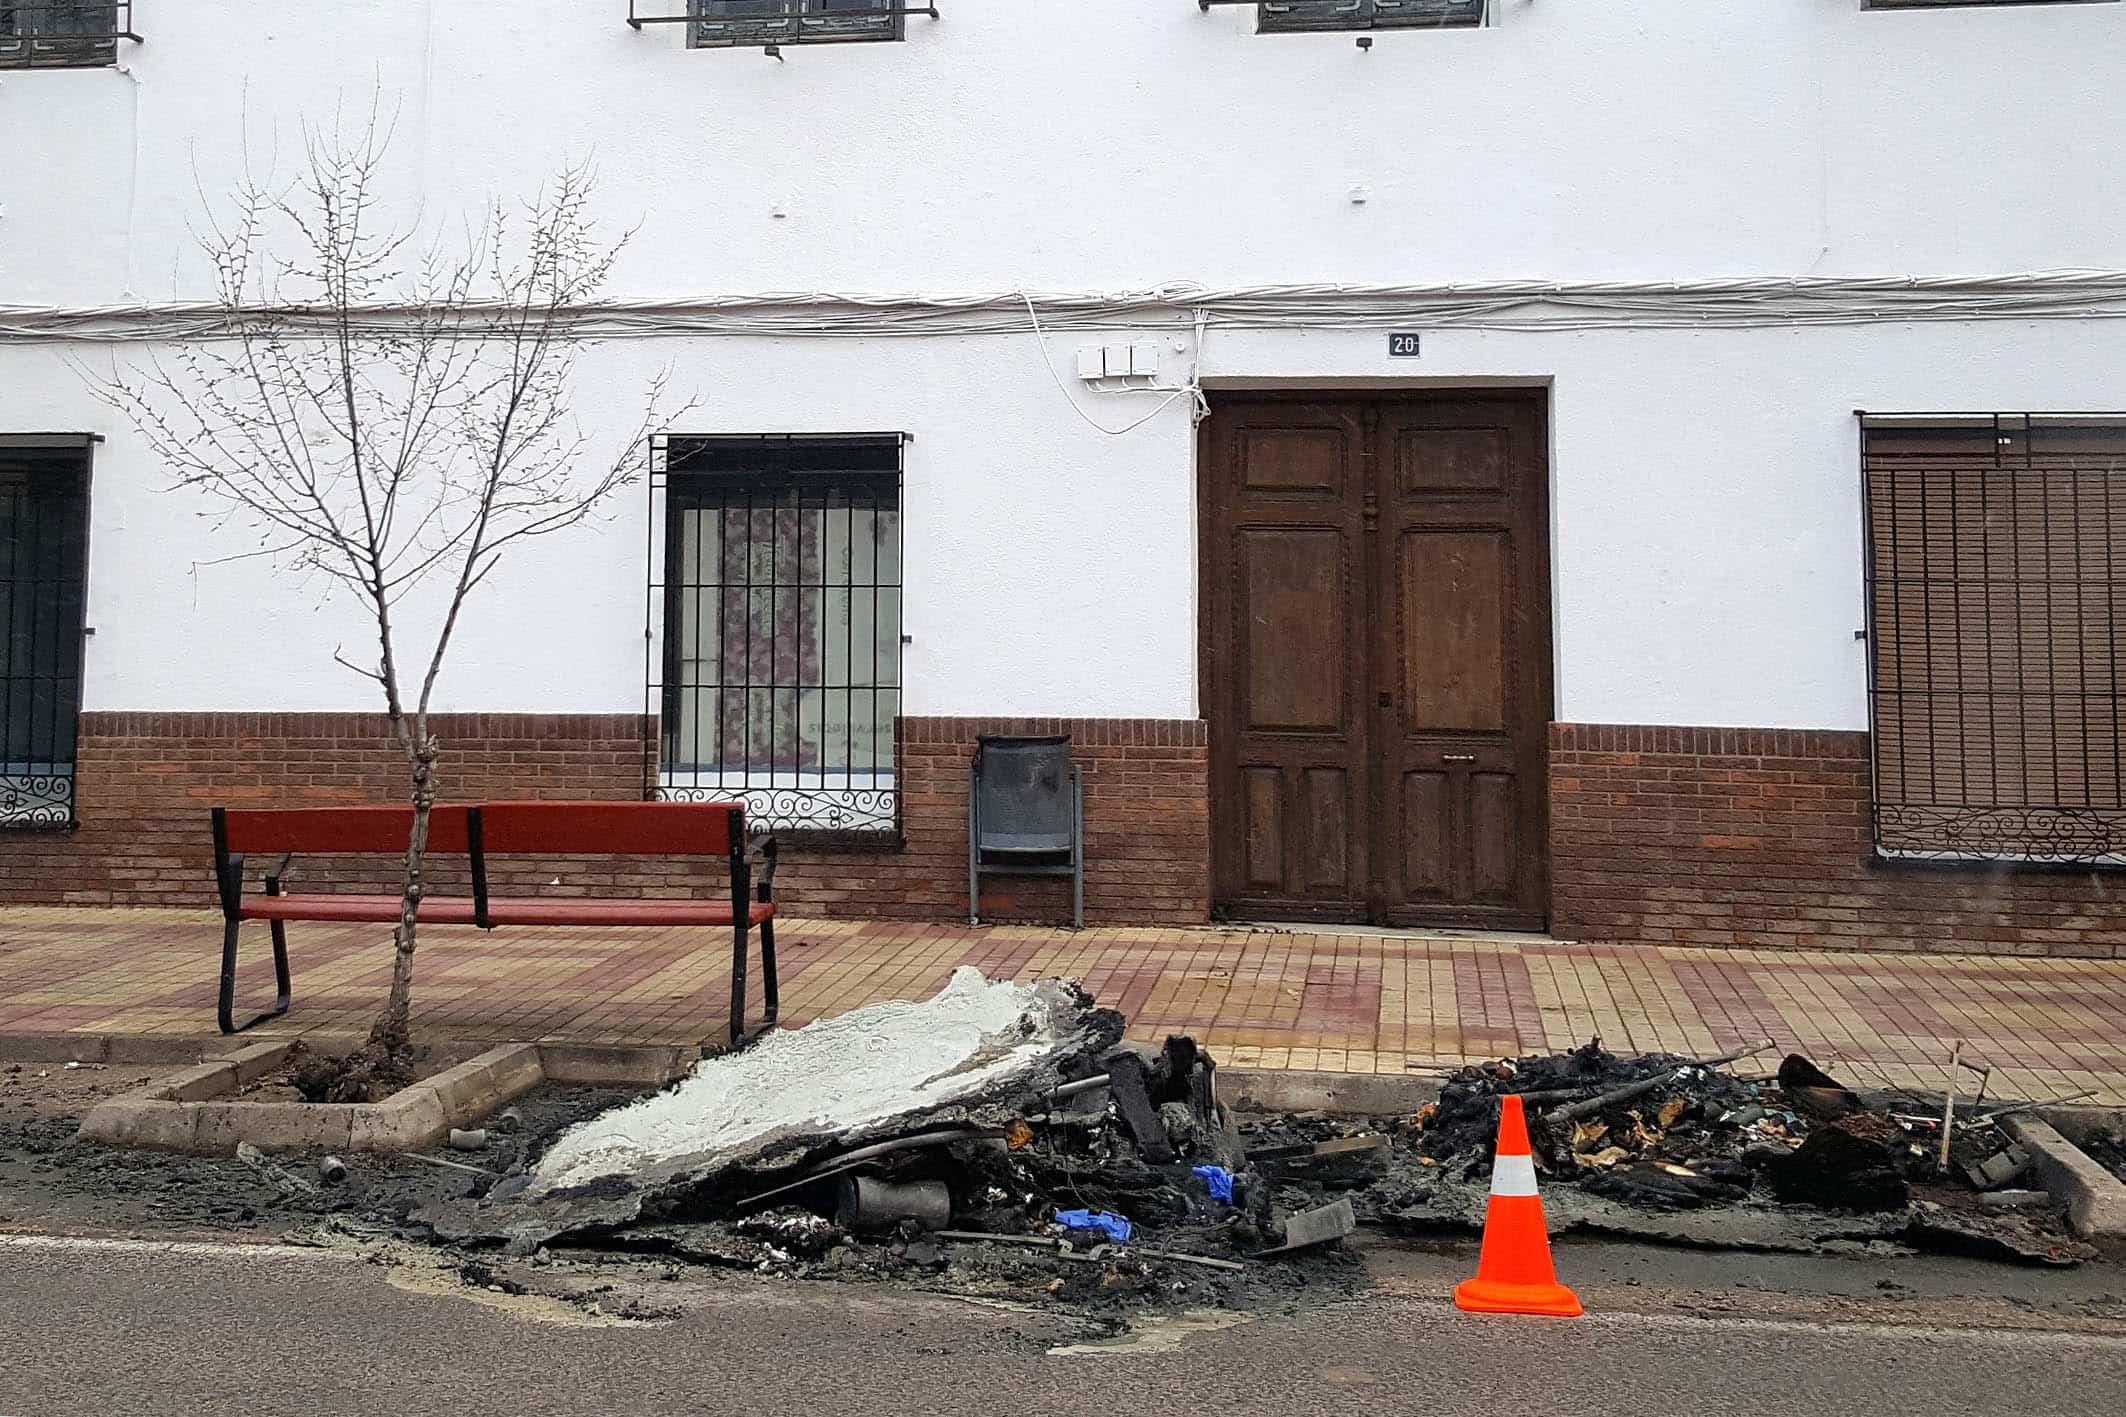 20181030 Cenizas y restos de lumbre en los contenedores - Comsermancha recuerda el riesgo de tirar las cenizas y brasas en los contenedores